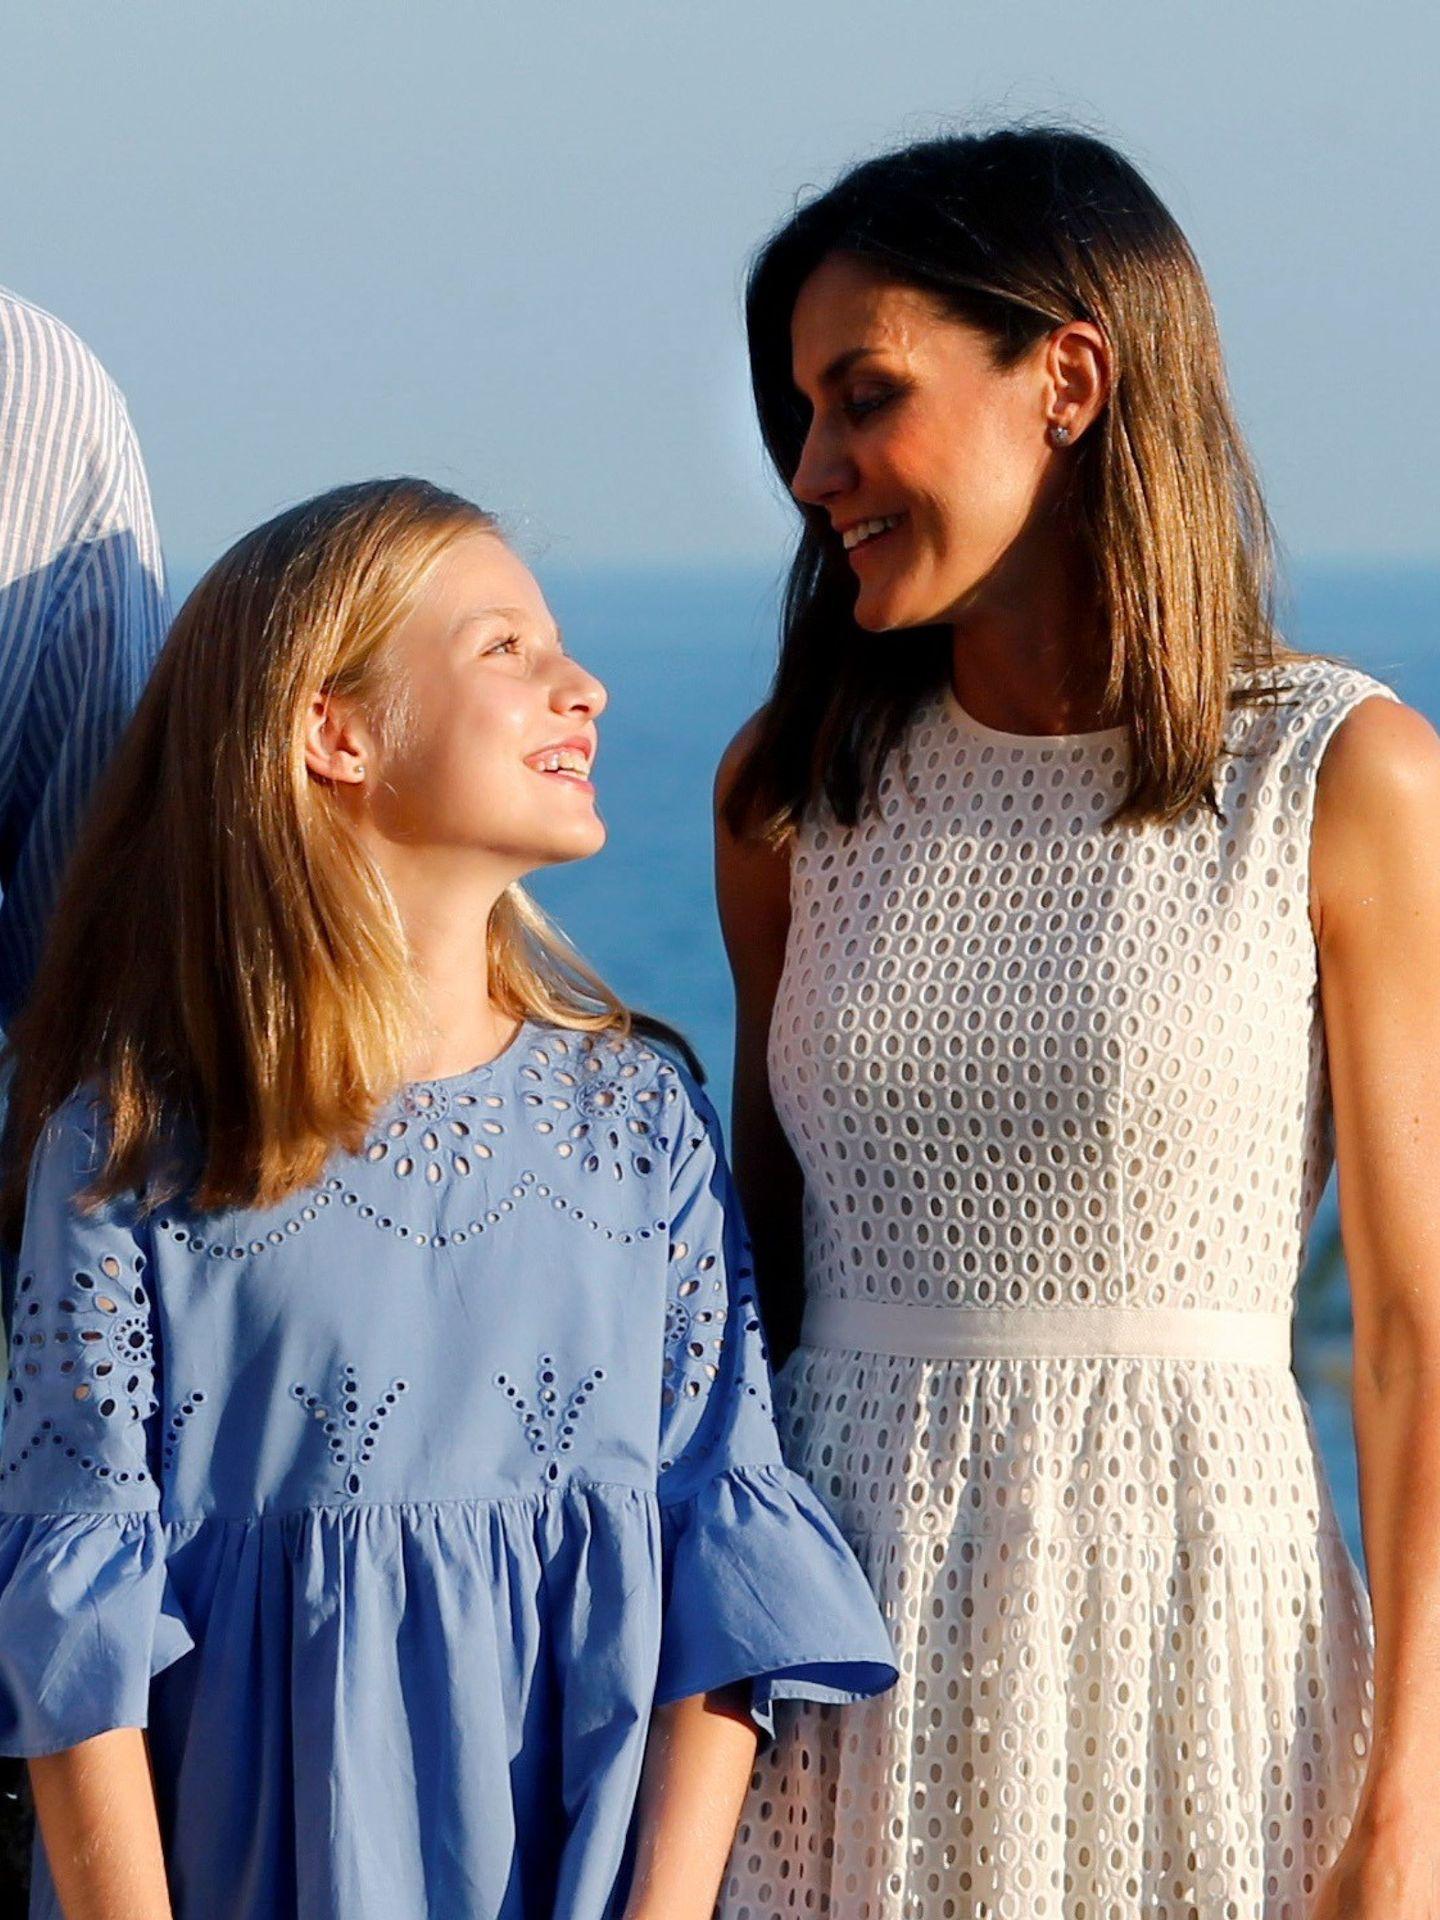 La princesa de Asturias y su madre, la reina Letizia, en el palacio de la Almudaina. (EFE)